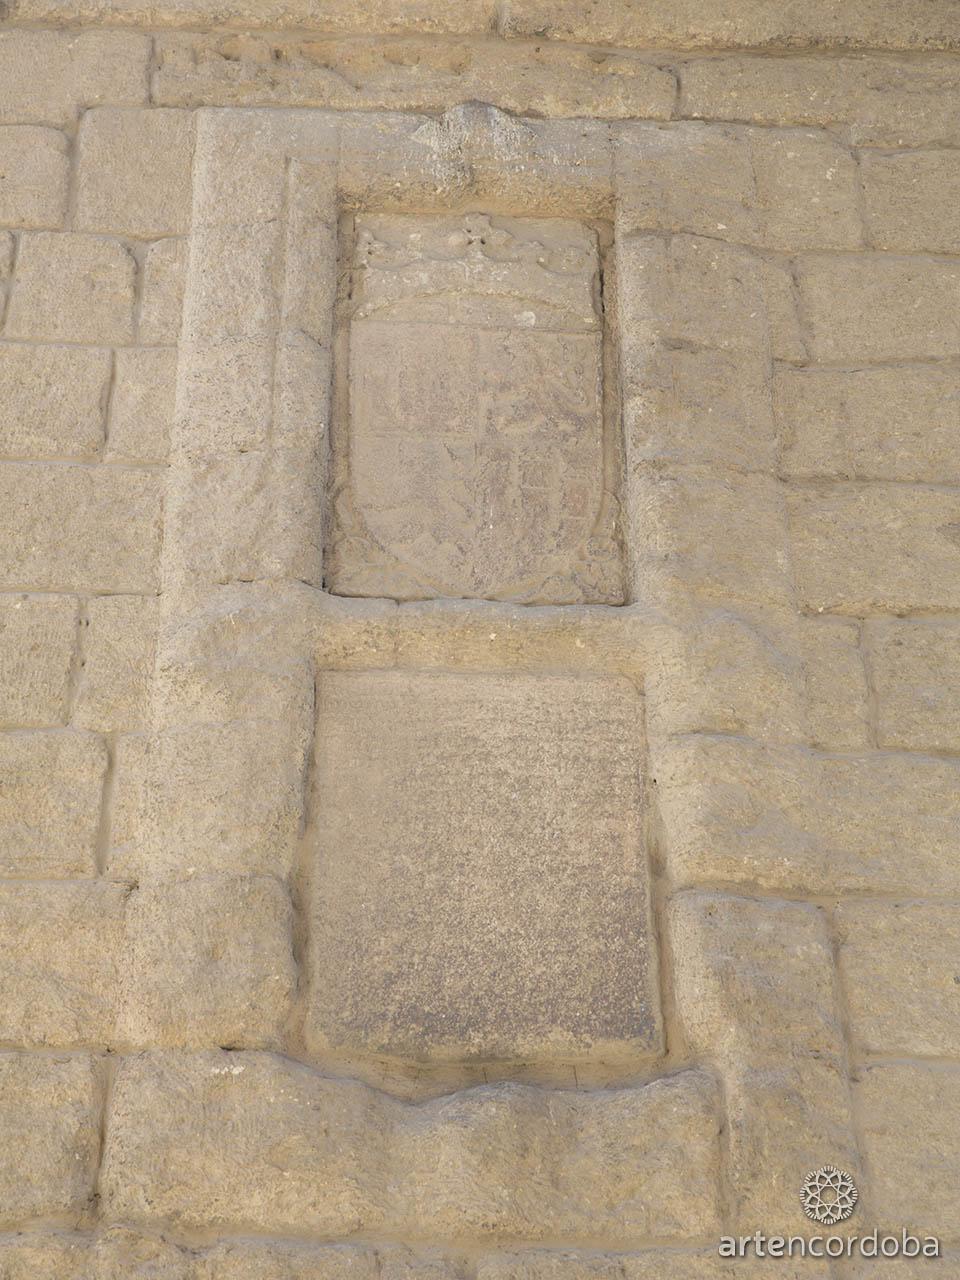 Escudo de Enrique III e inscripción bajo el arco de la Torre de la Malmuerta en Córdoba